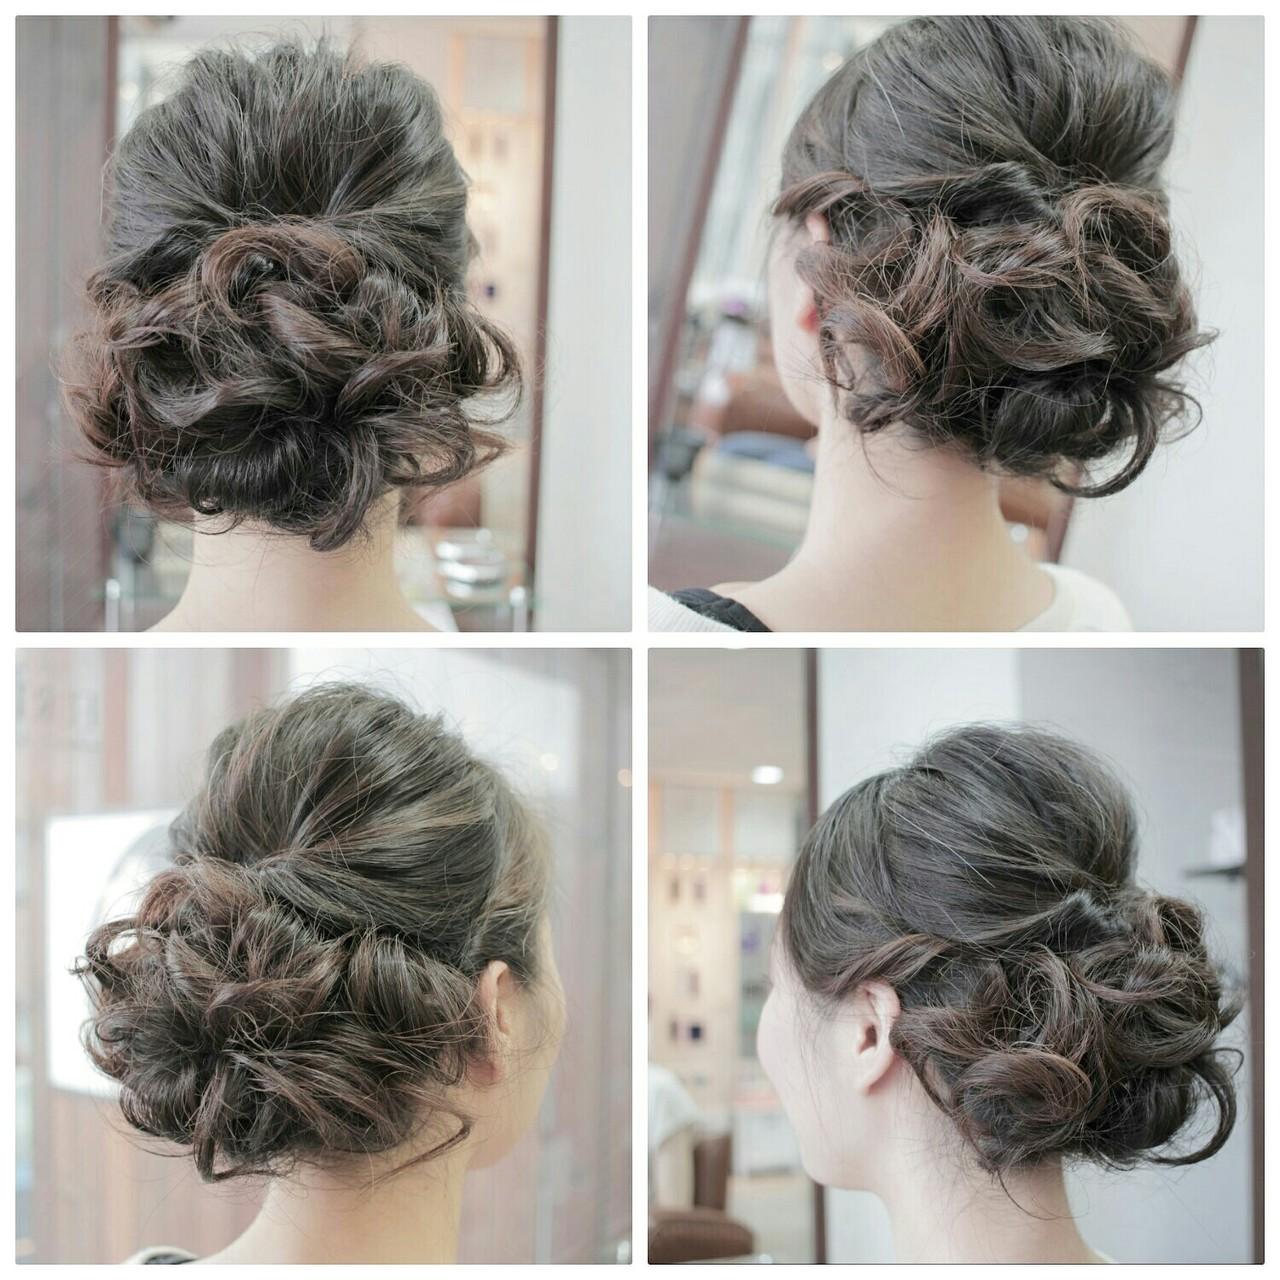 結婚式・お呼ばれに。おすすめアップのヘアスタイルとセルフアレンジ法 岡野 達也